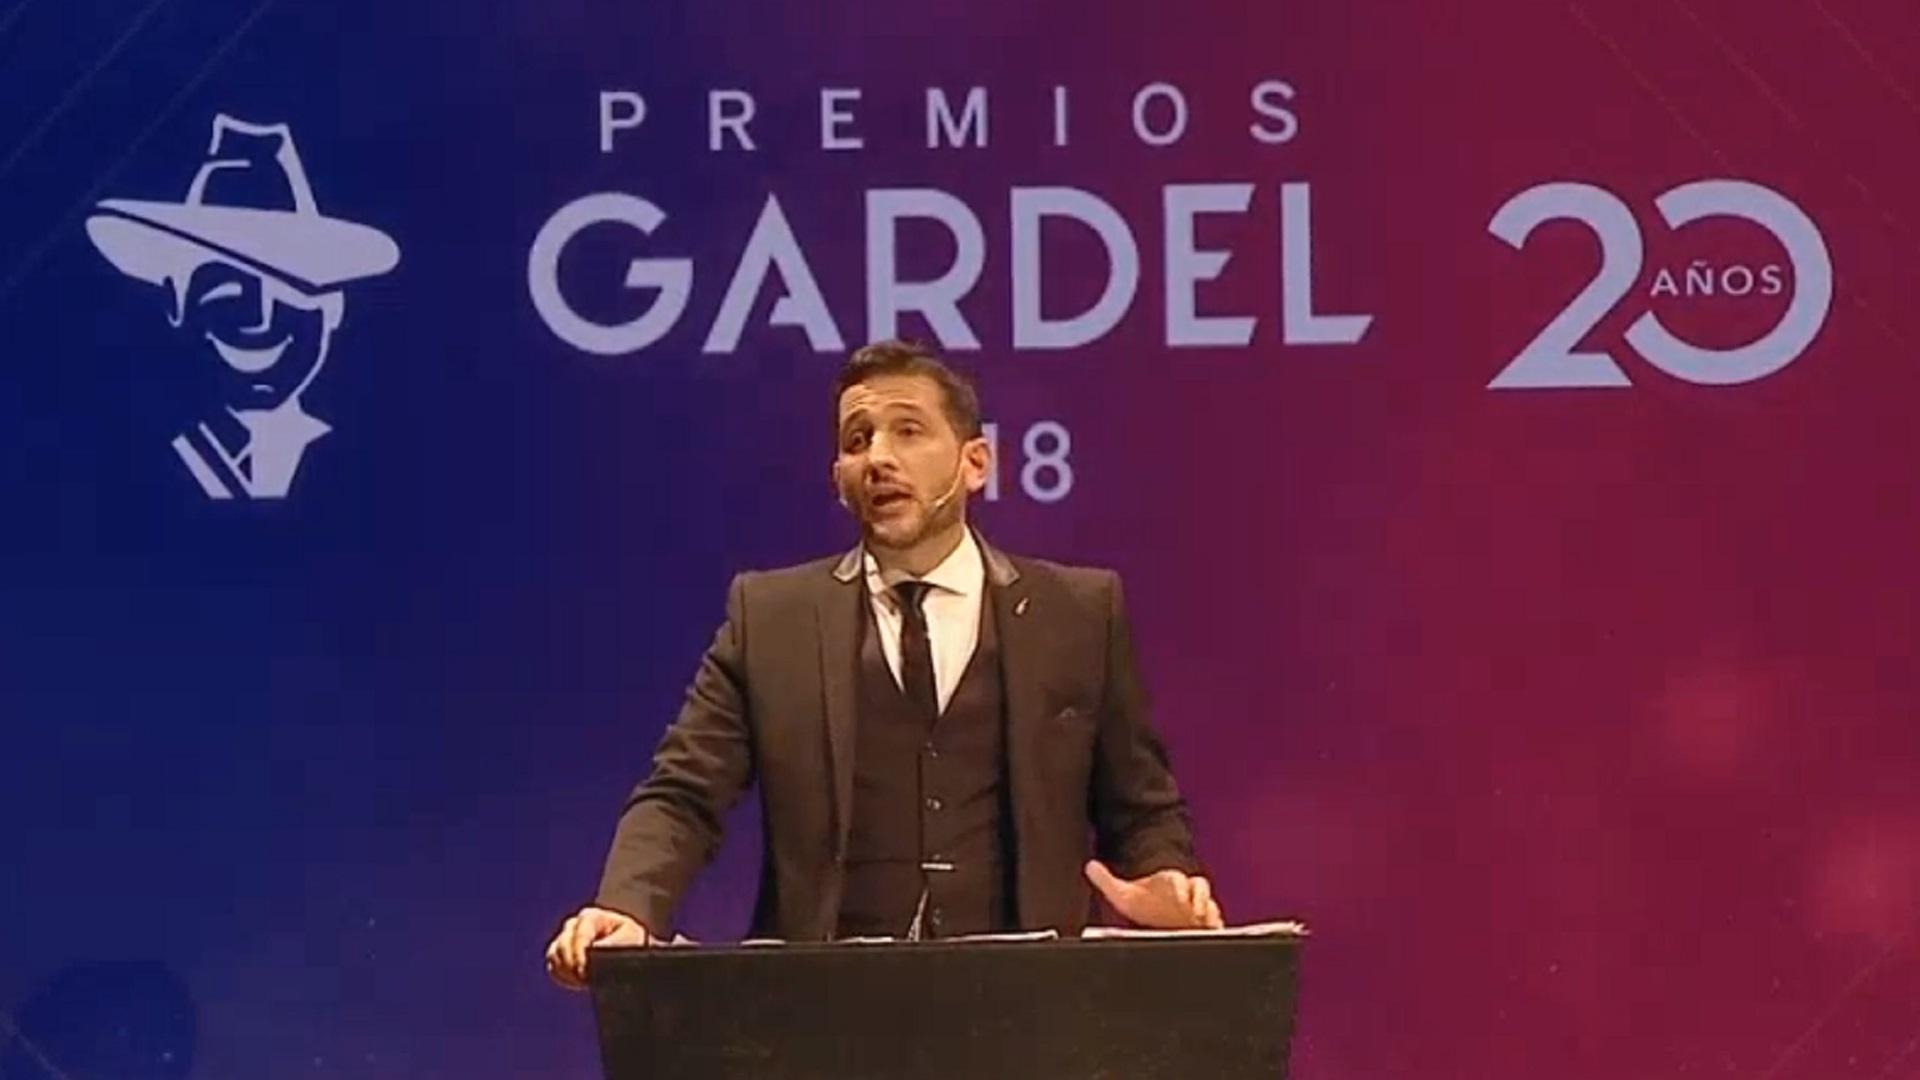 Germán Paoloski, conductor de la gala en vivo que transmitió la TV Pública